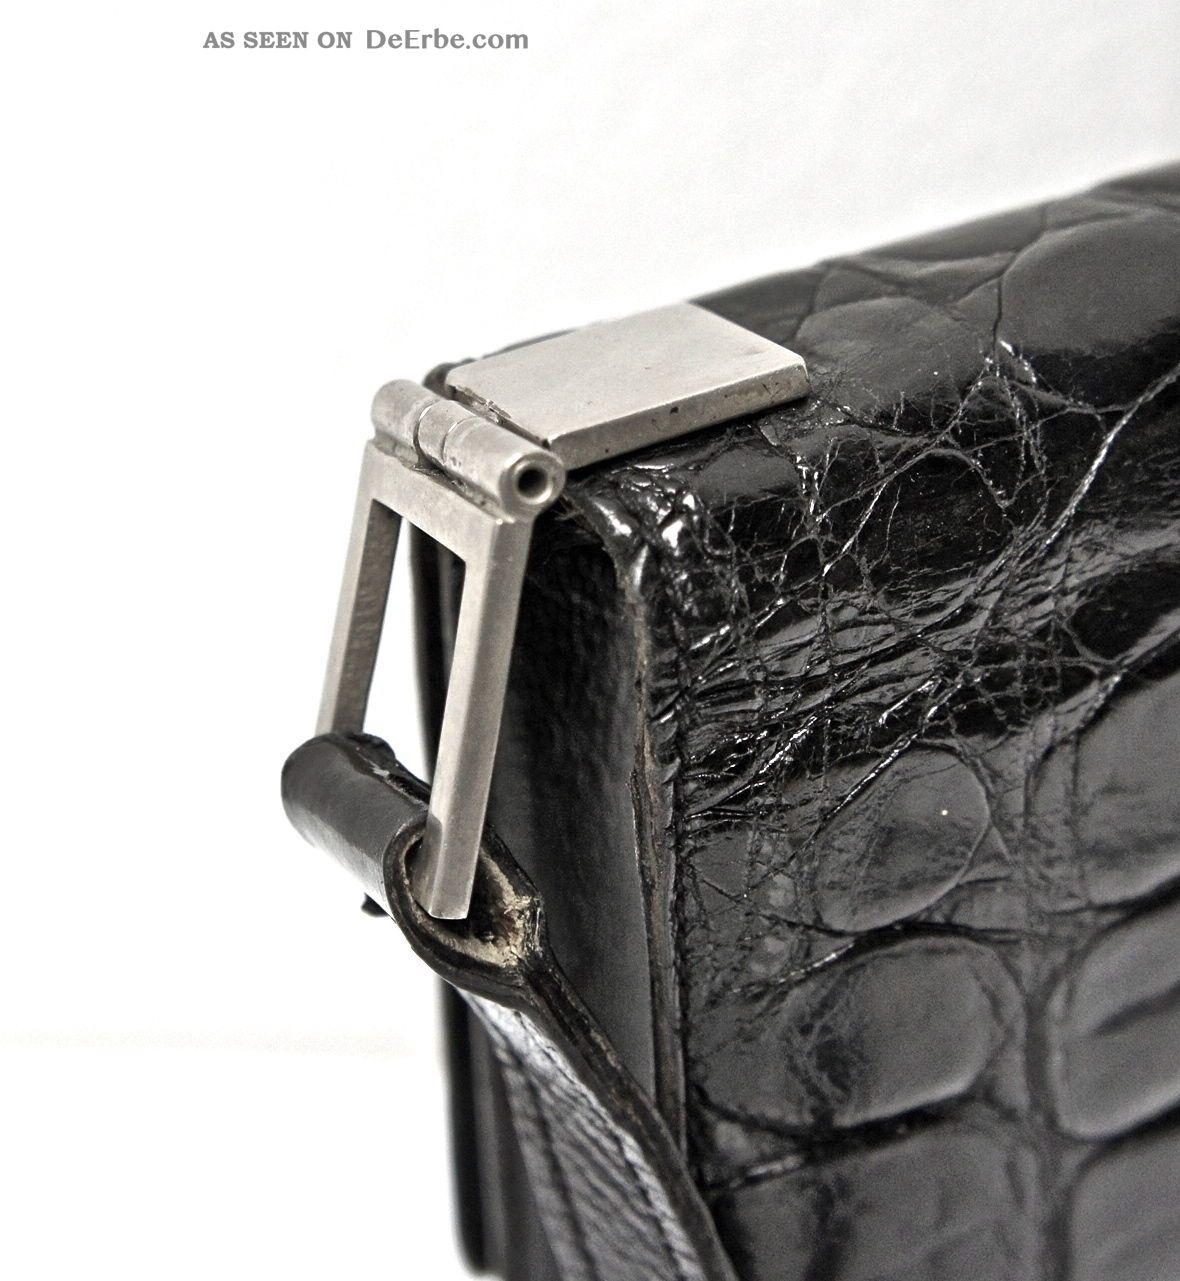 luxus abendhandtasche der 20iger jahre aus leder schwarz chrom art deko paris. Black Bedroom Furniture Sets. Home Design Ideas